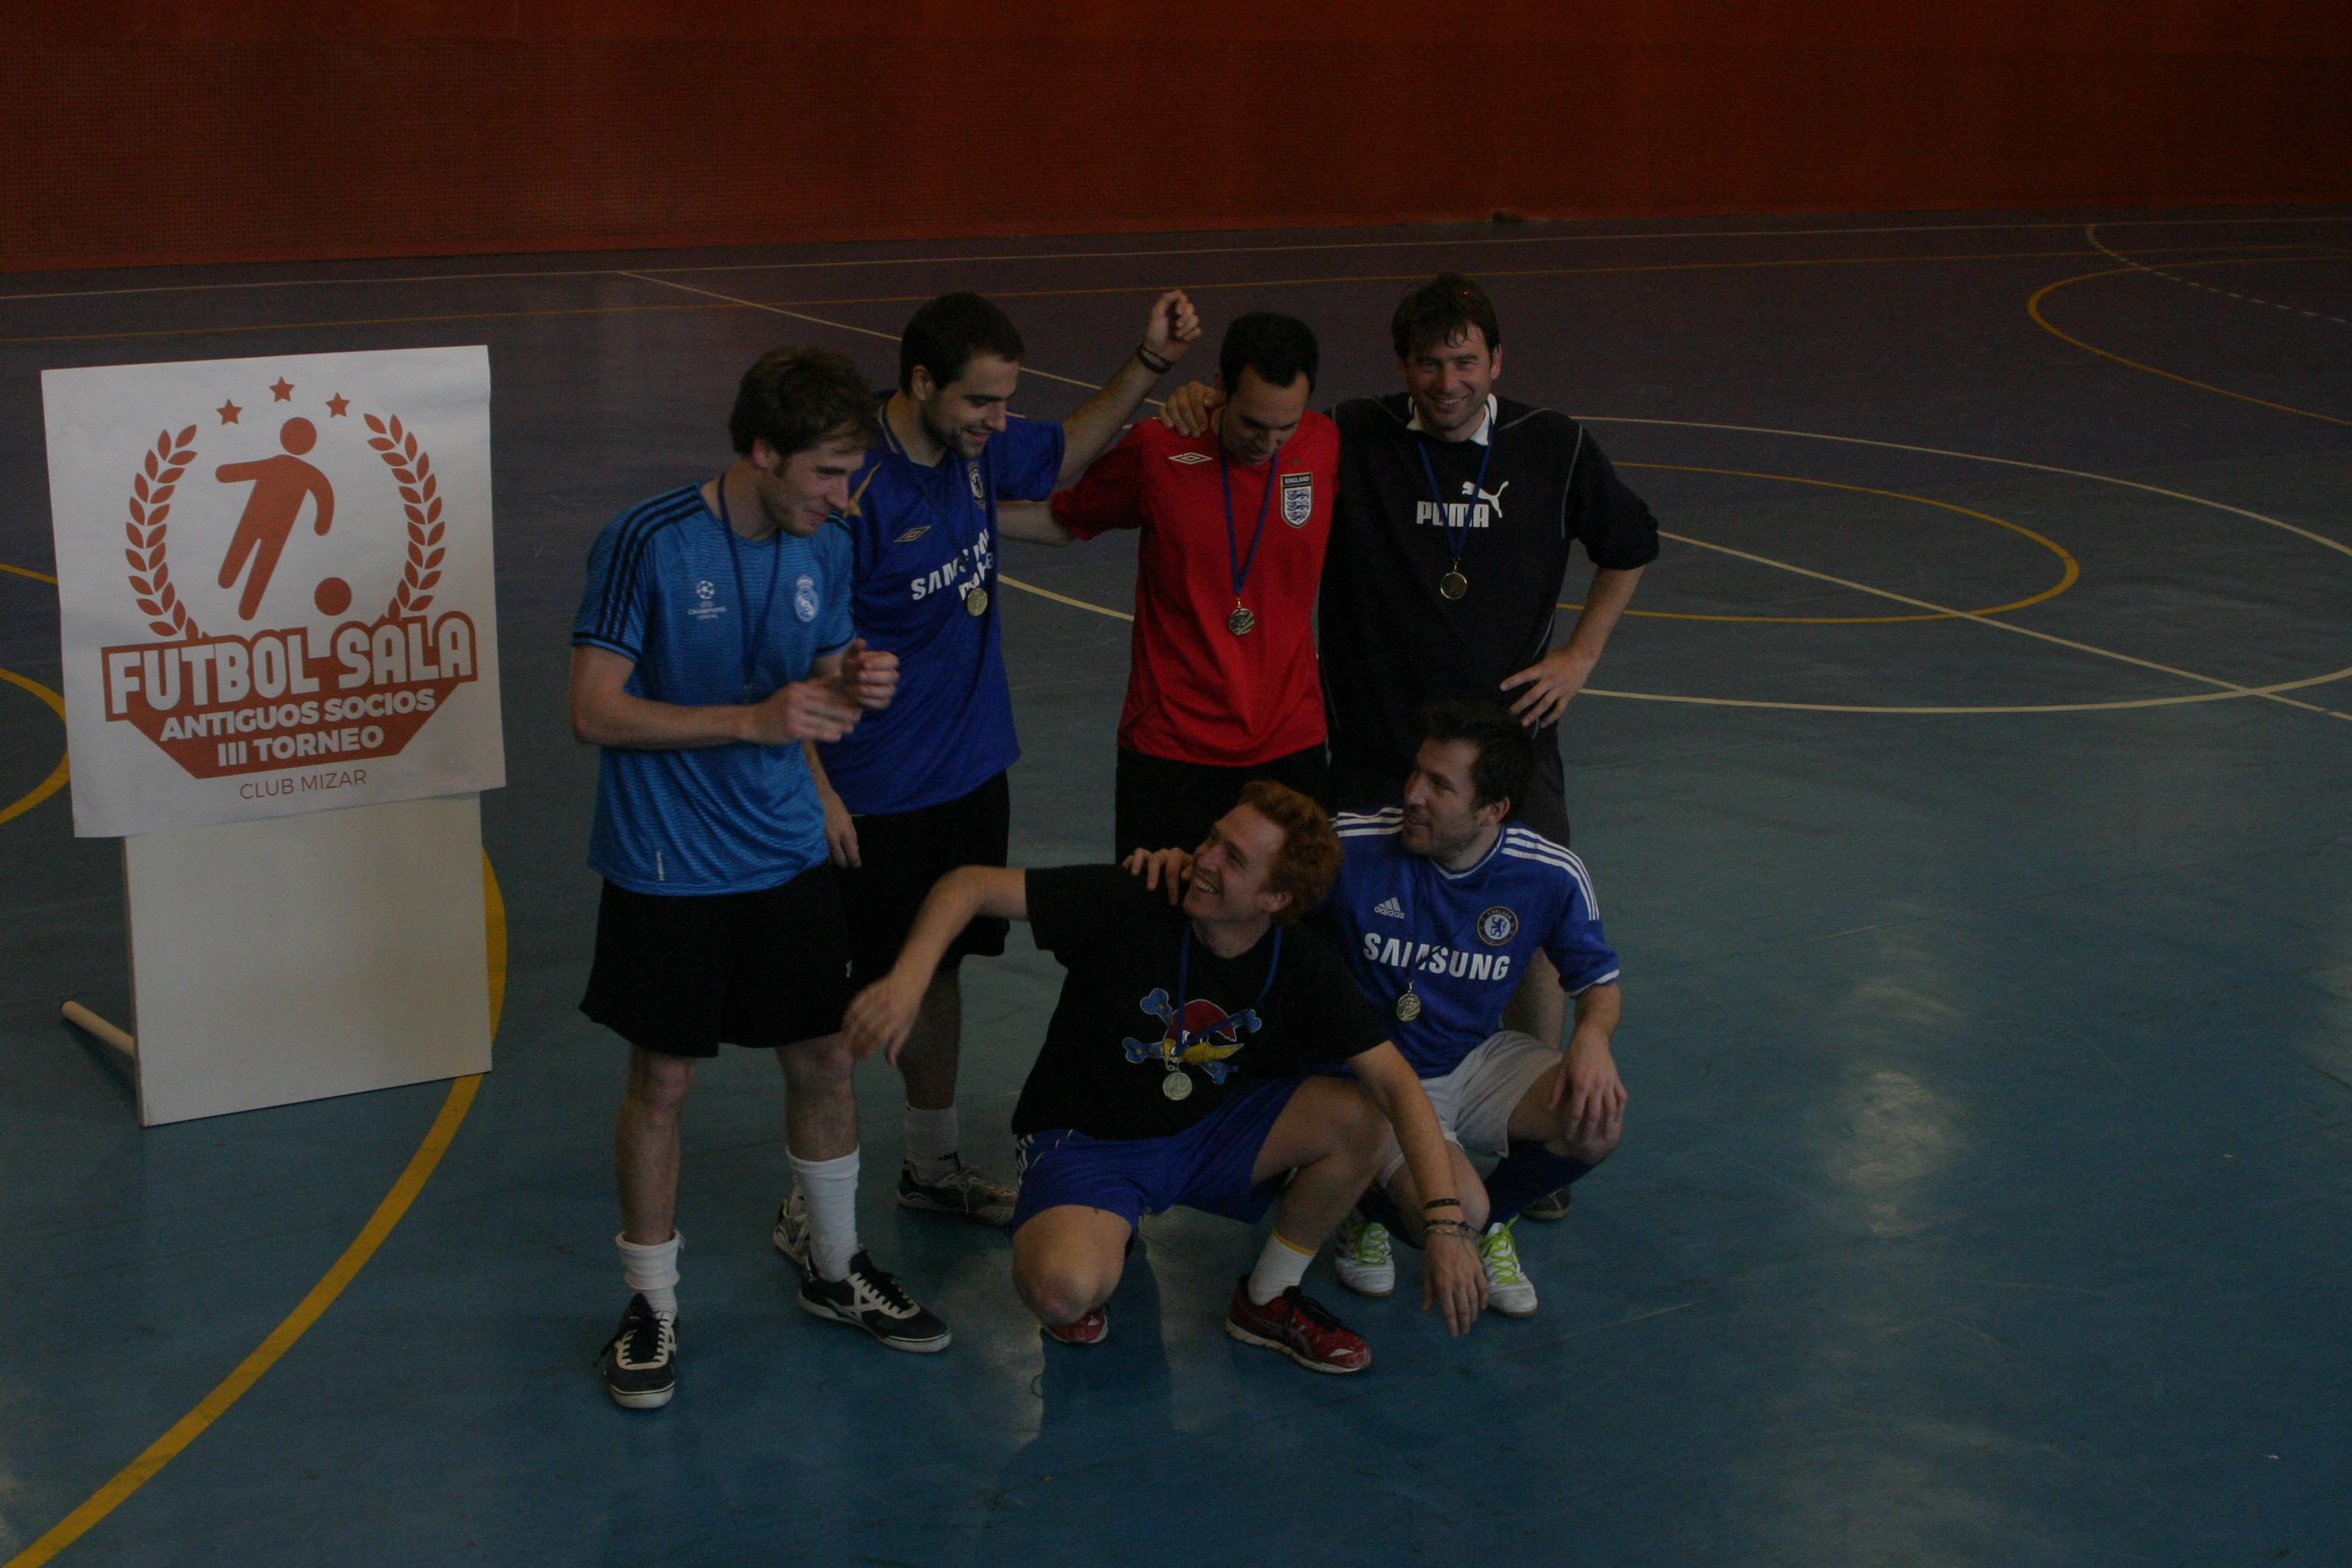 Consejo de Ministros, vencedor del III Torneo de Fútbol Sala de Antiguos Socios